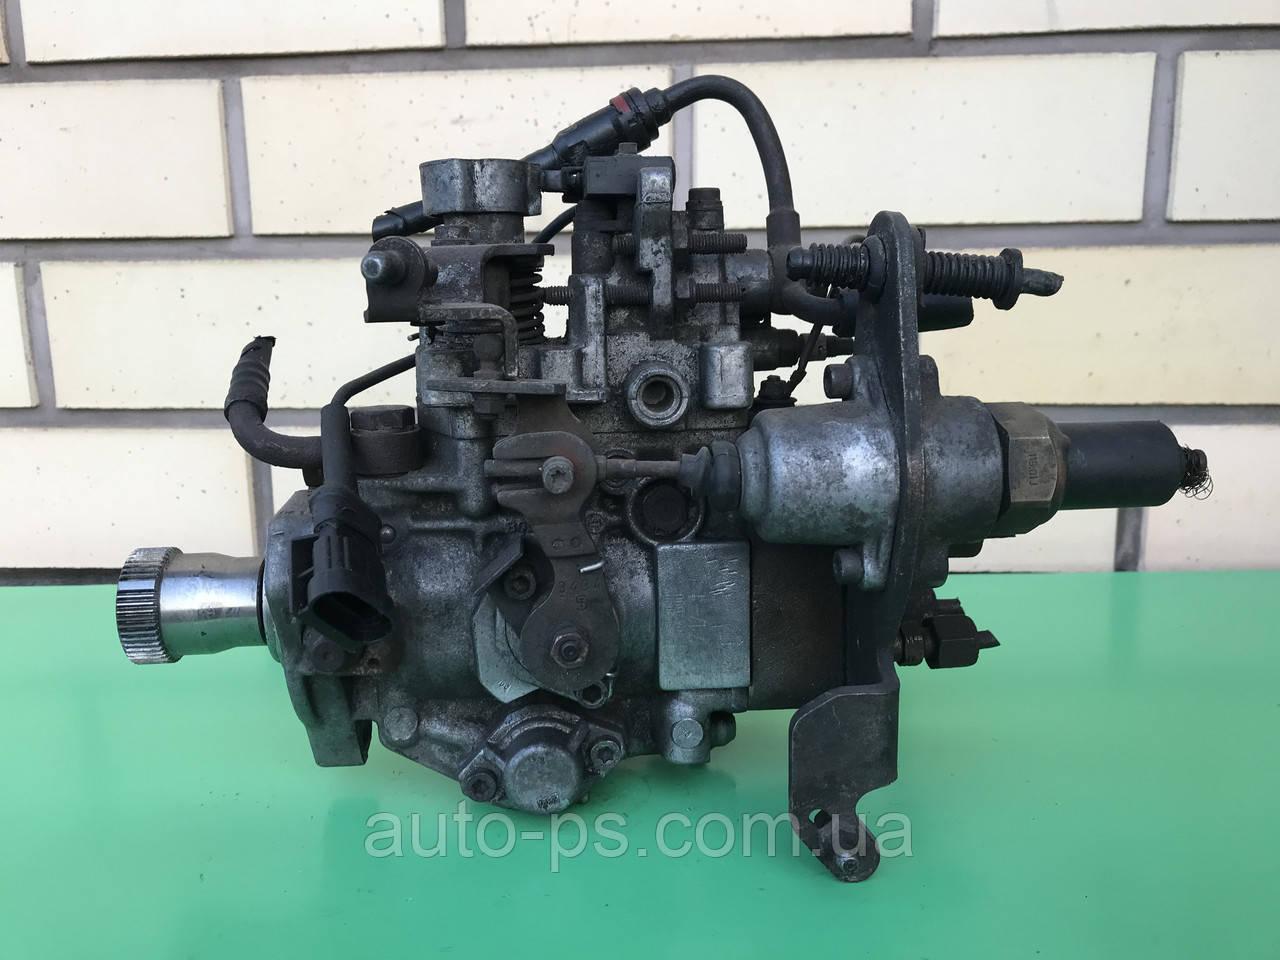 Топливный насос высокого давления (ТНВД) Renault Master II 2.5D 1998-2001 год. (С побитым ухом)